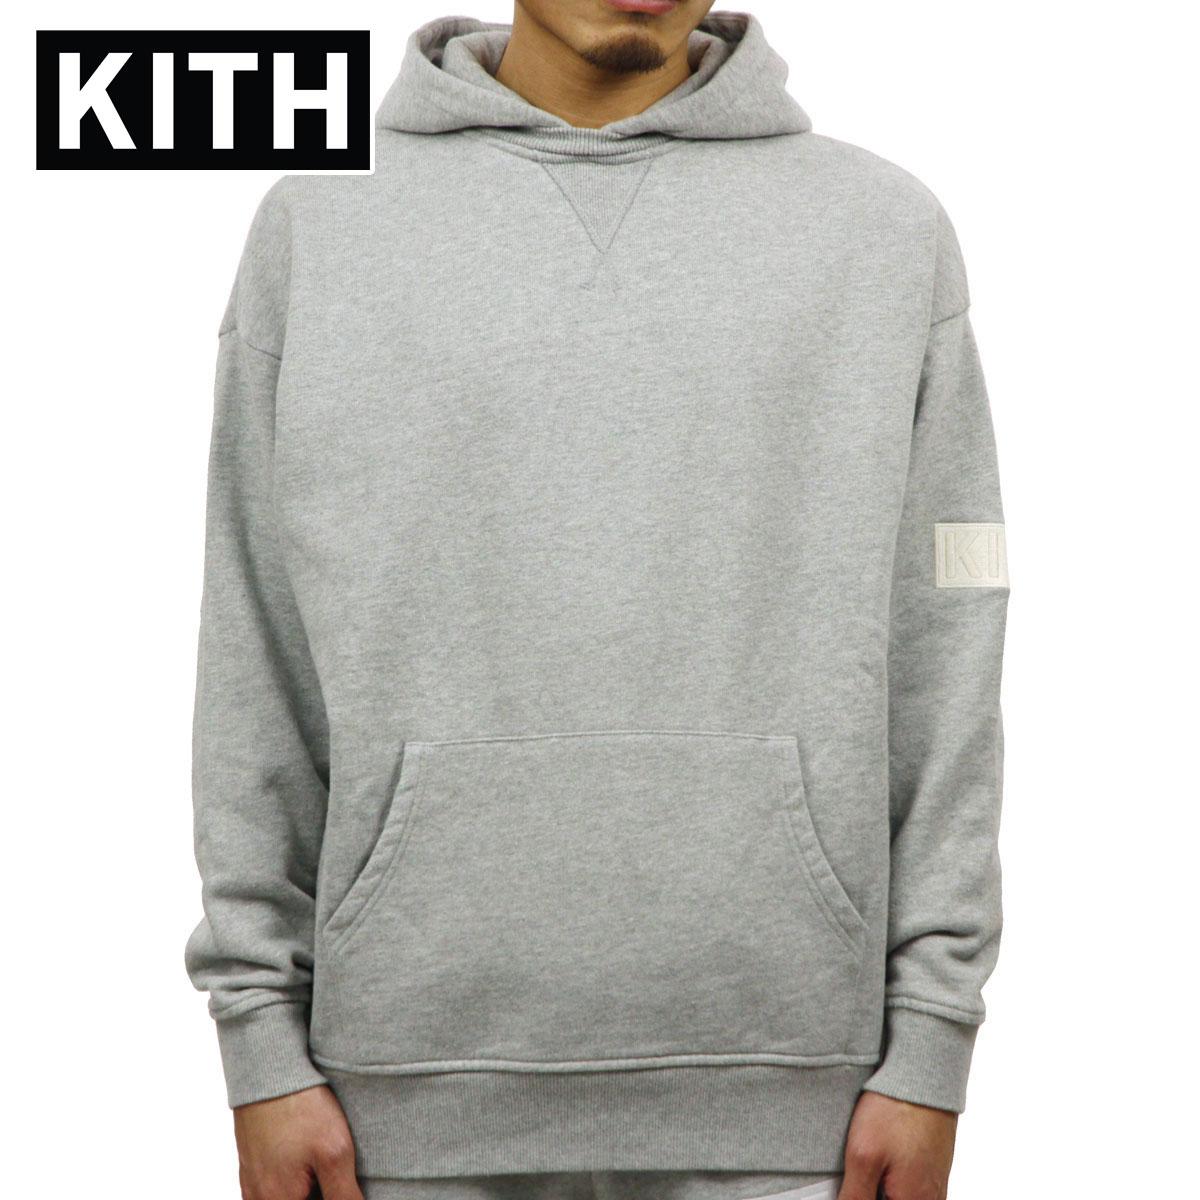 キス KITH 正規品 メンズ プルオーバーパーカー KITH WILLIAMS II HOODIE KH2221-103 HEATHER GREY